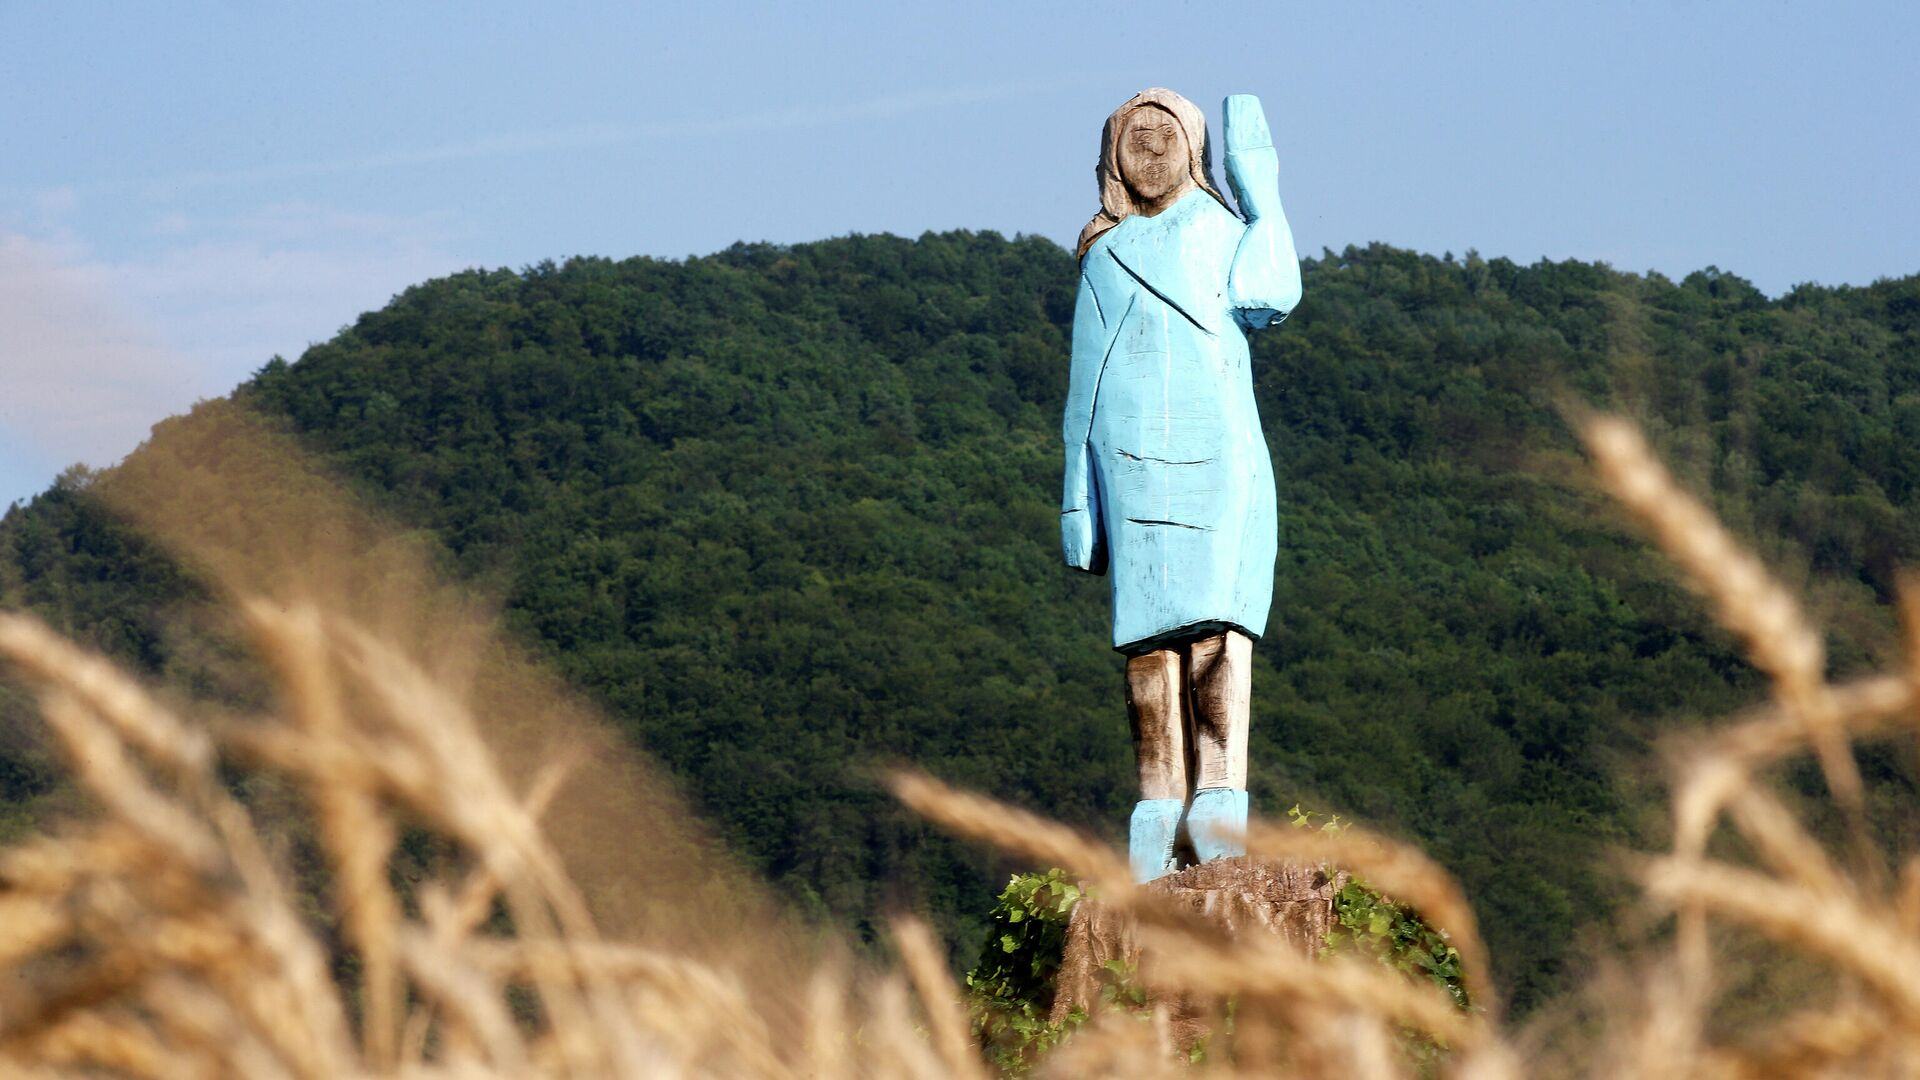 Деревянная скульптура первой леди США Мелании Трамп недалеко от ее родного города Севница - РИА Новости, 1920, 09.07.2020